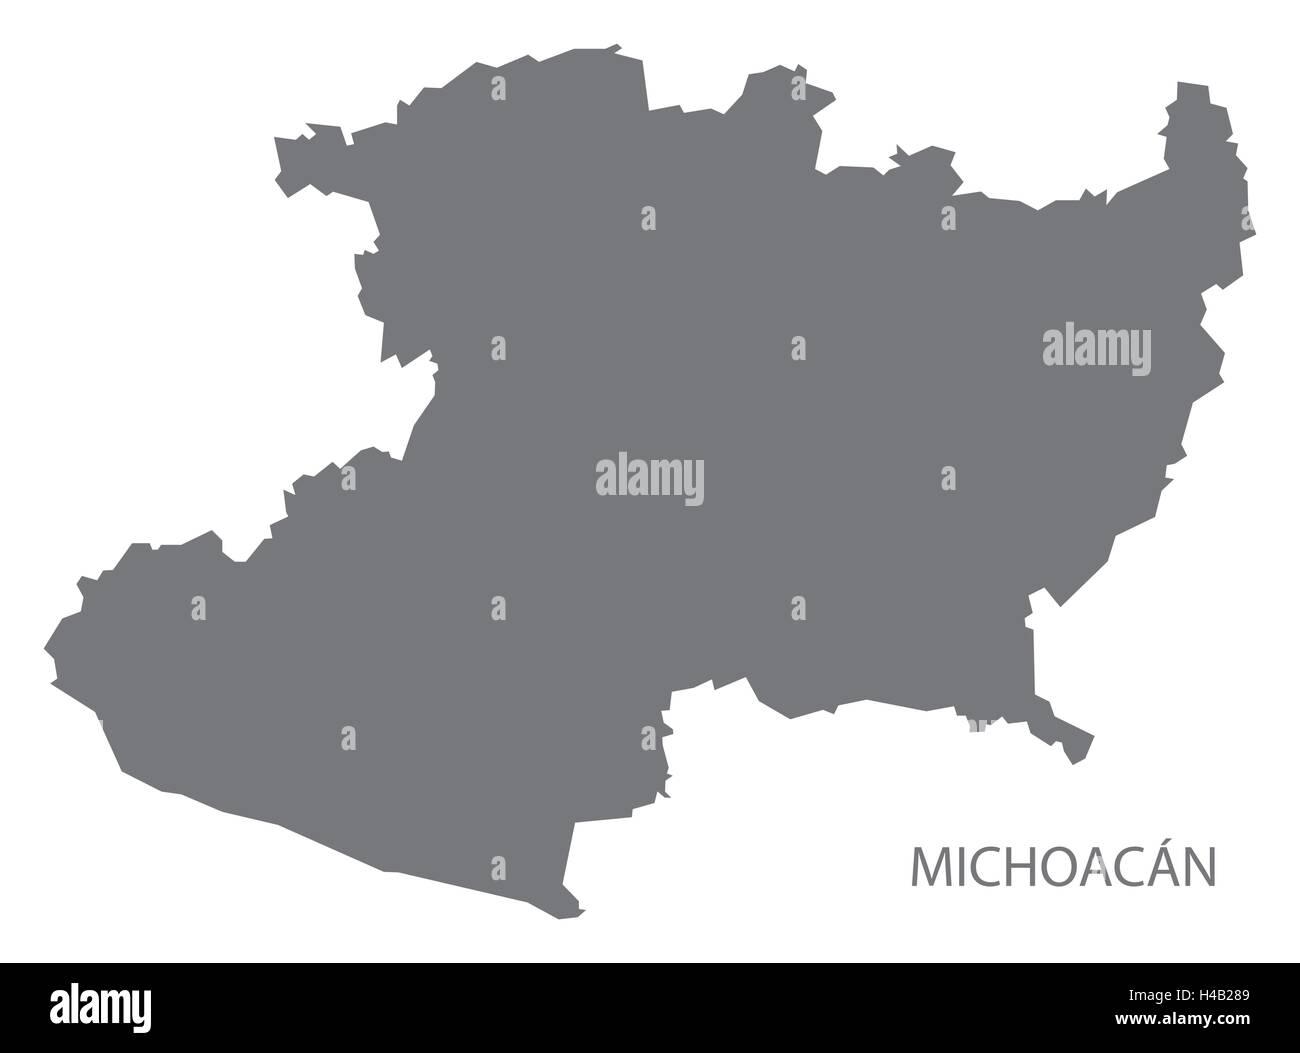 Michoacan Mexico Map grey Stock Vector Art & Illustration, Vector ...